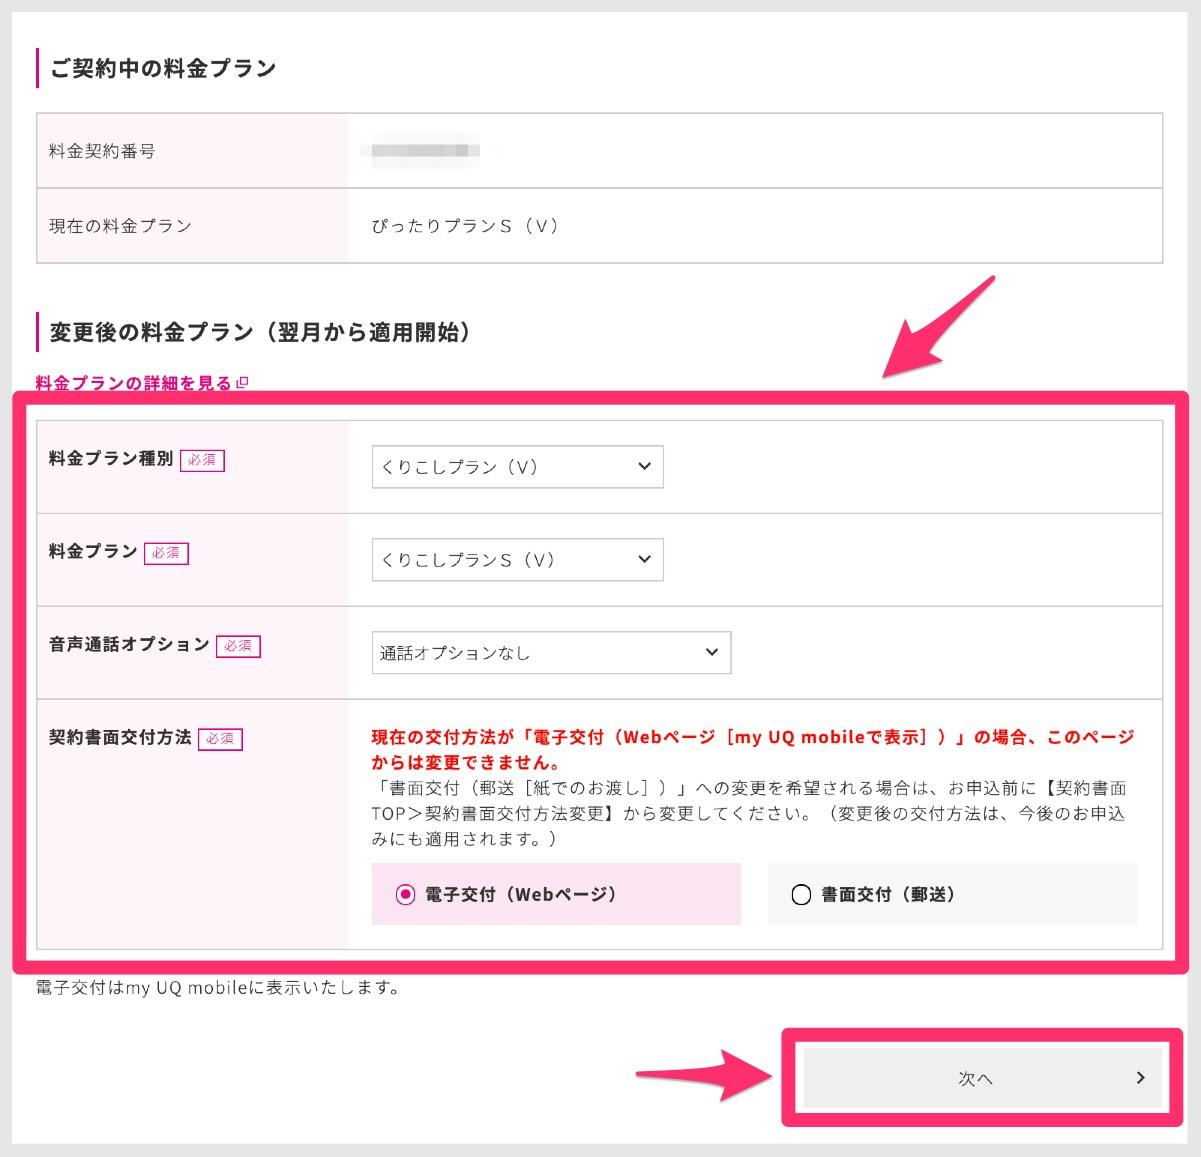 UQモバイル くりこしプラン変更 - 3